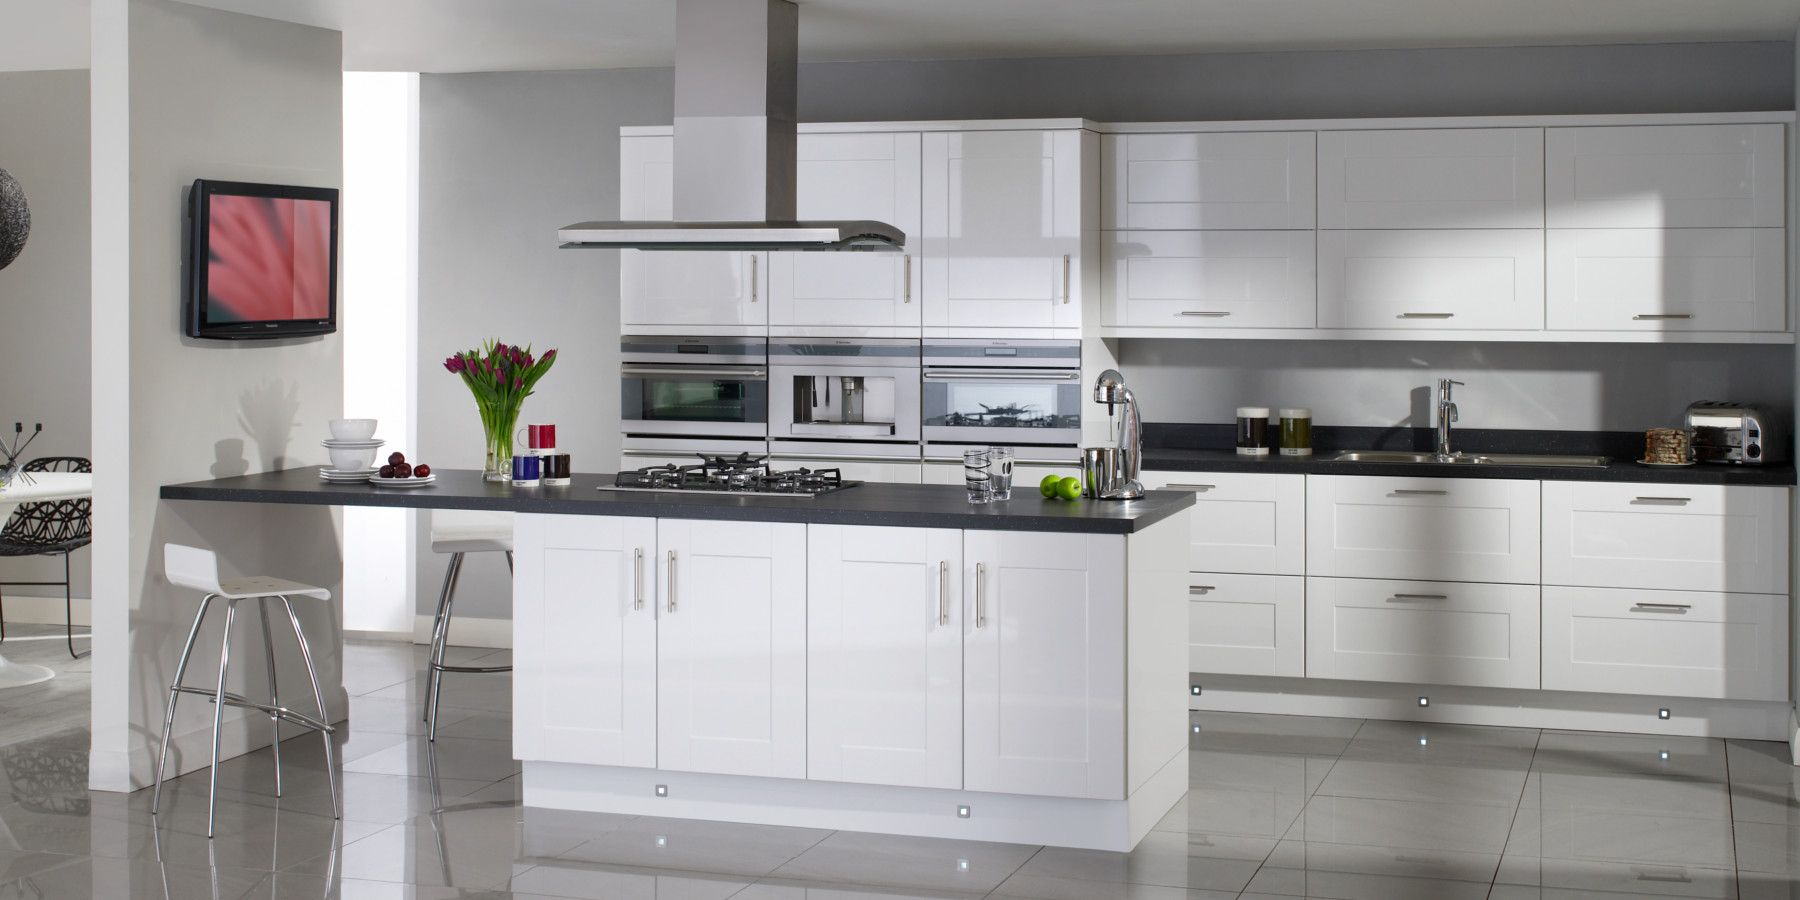 Salerno (Symphony Kitchens) House design kitchen